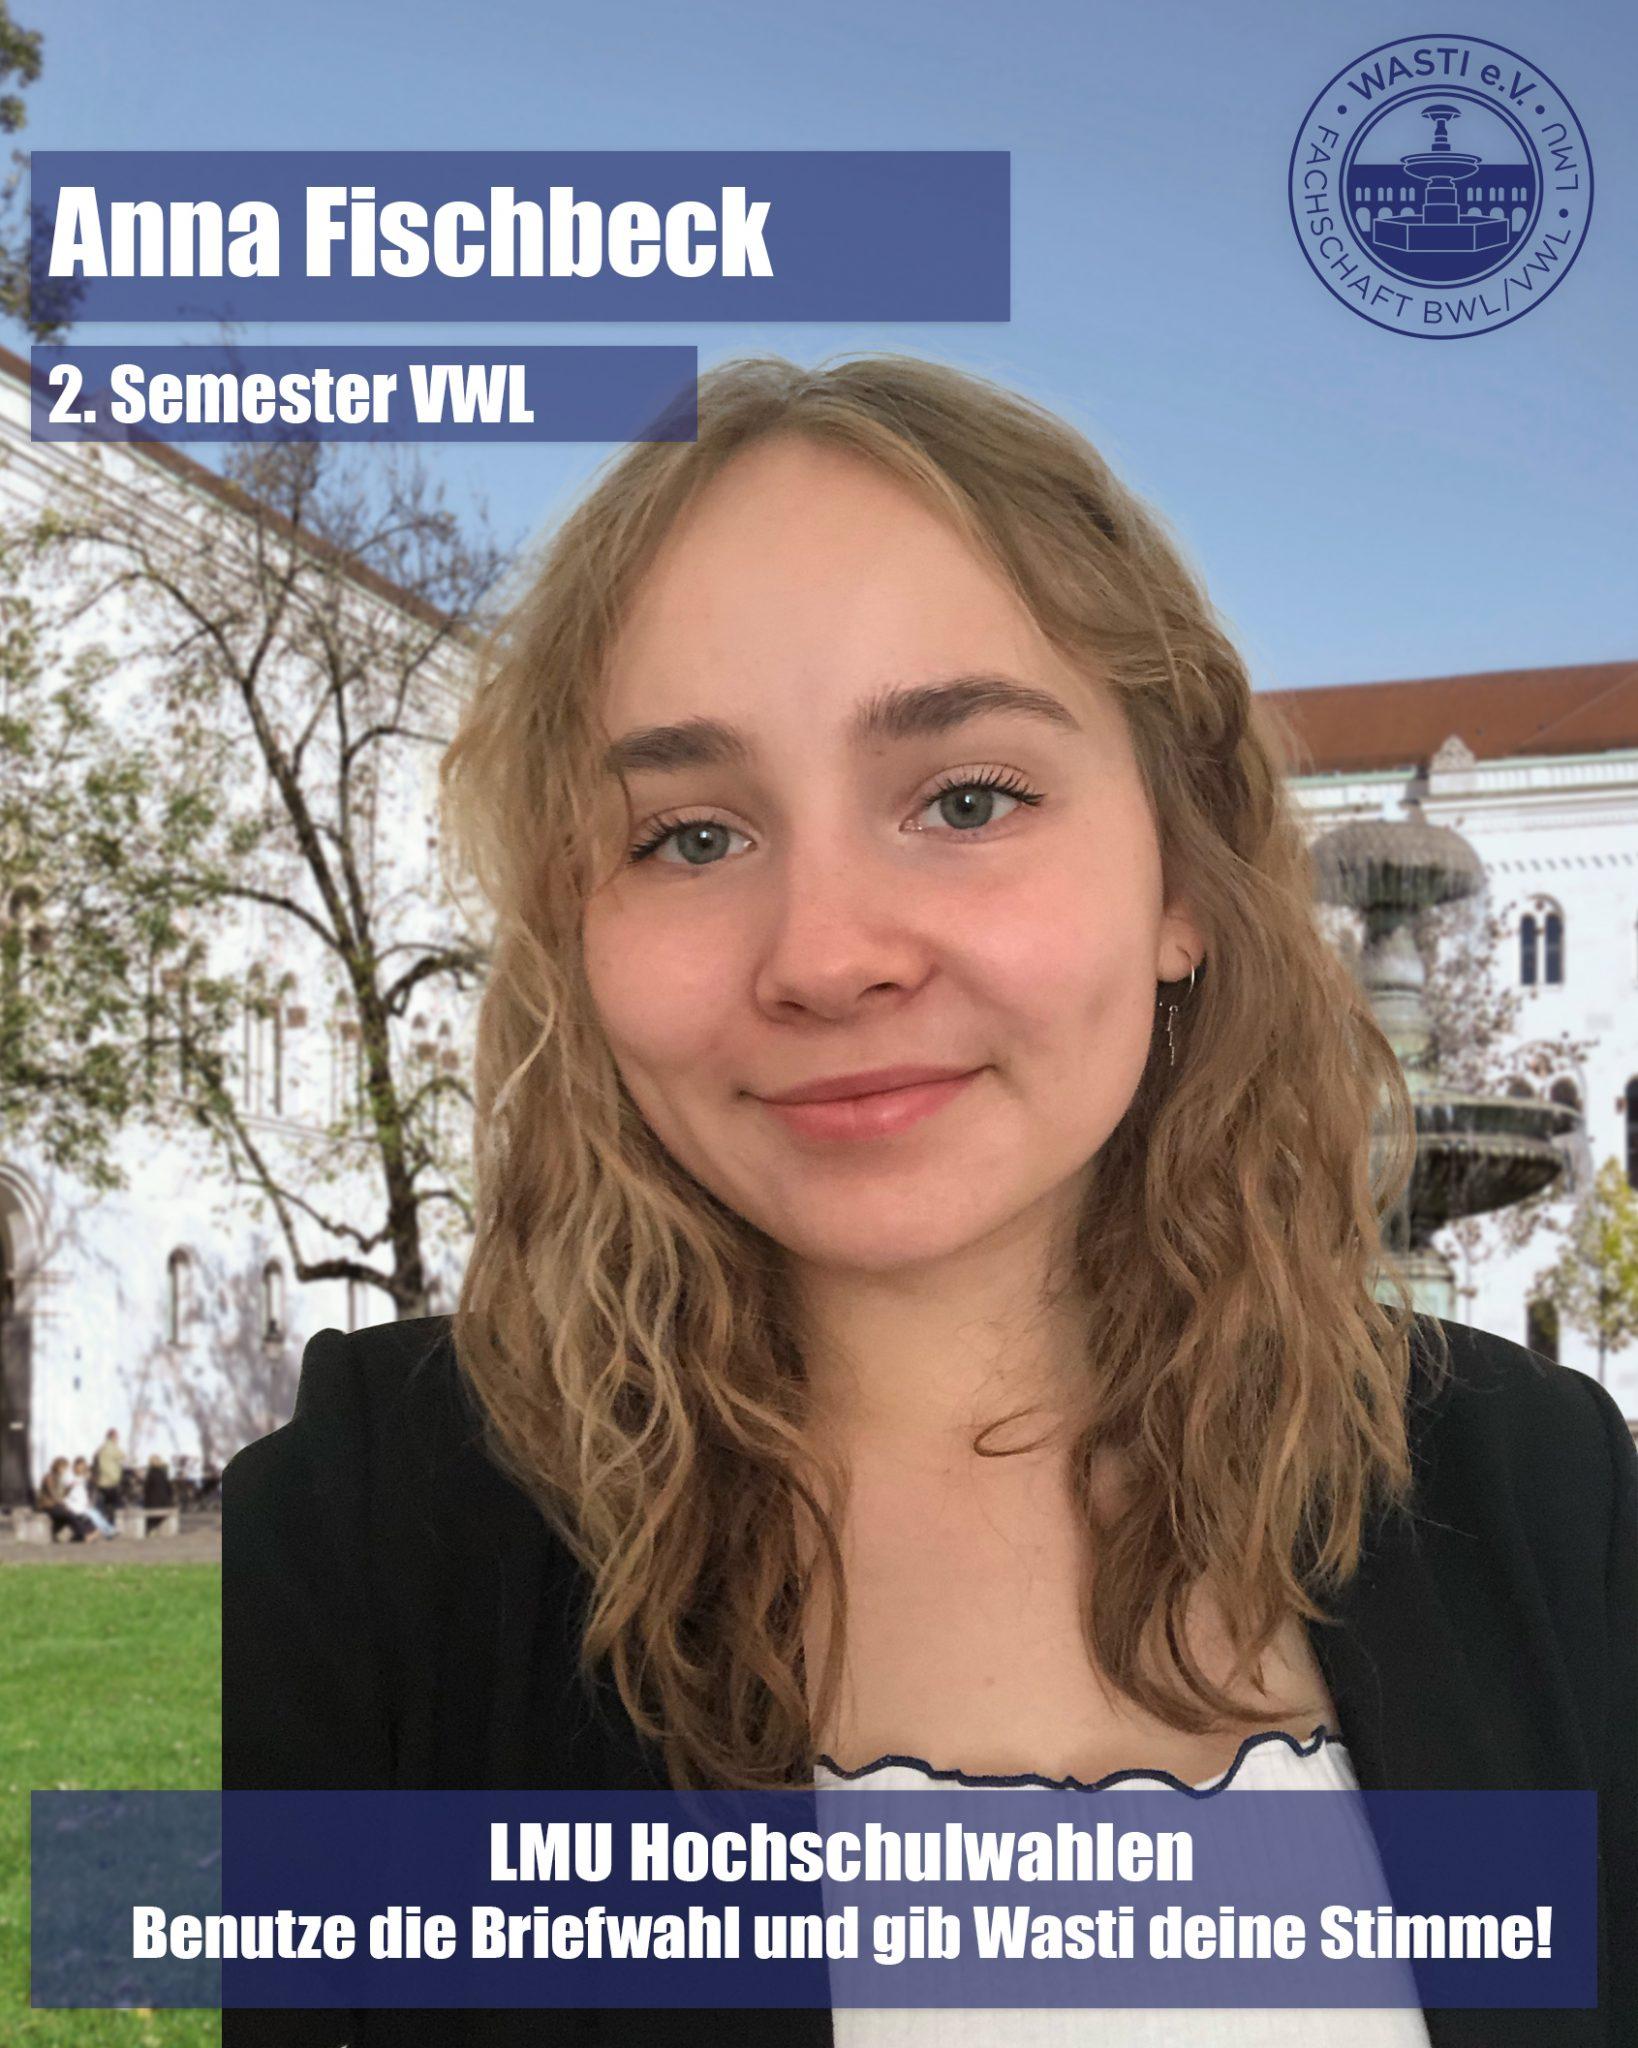 Hochschulwahlen 11